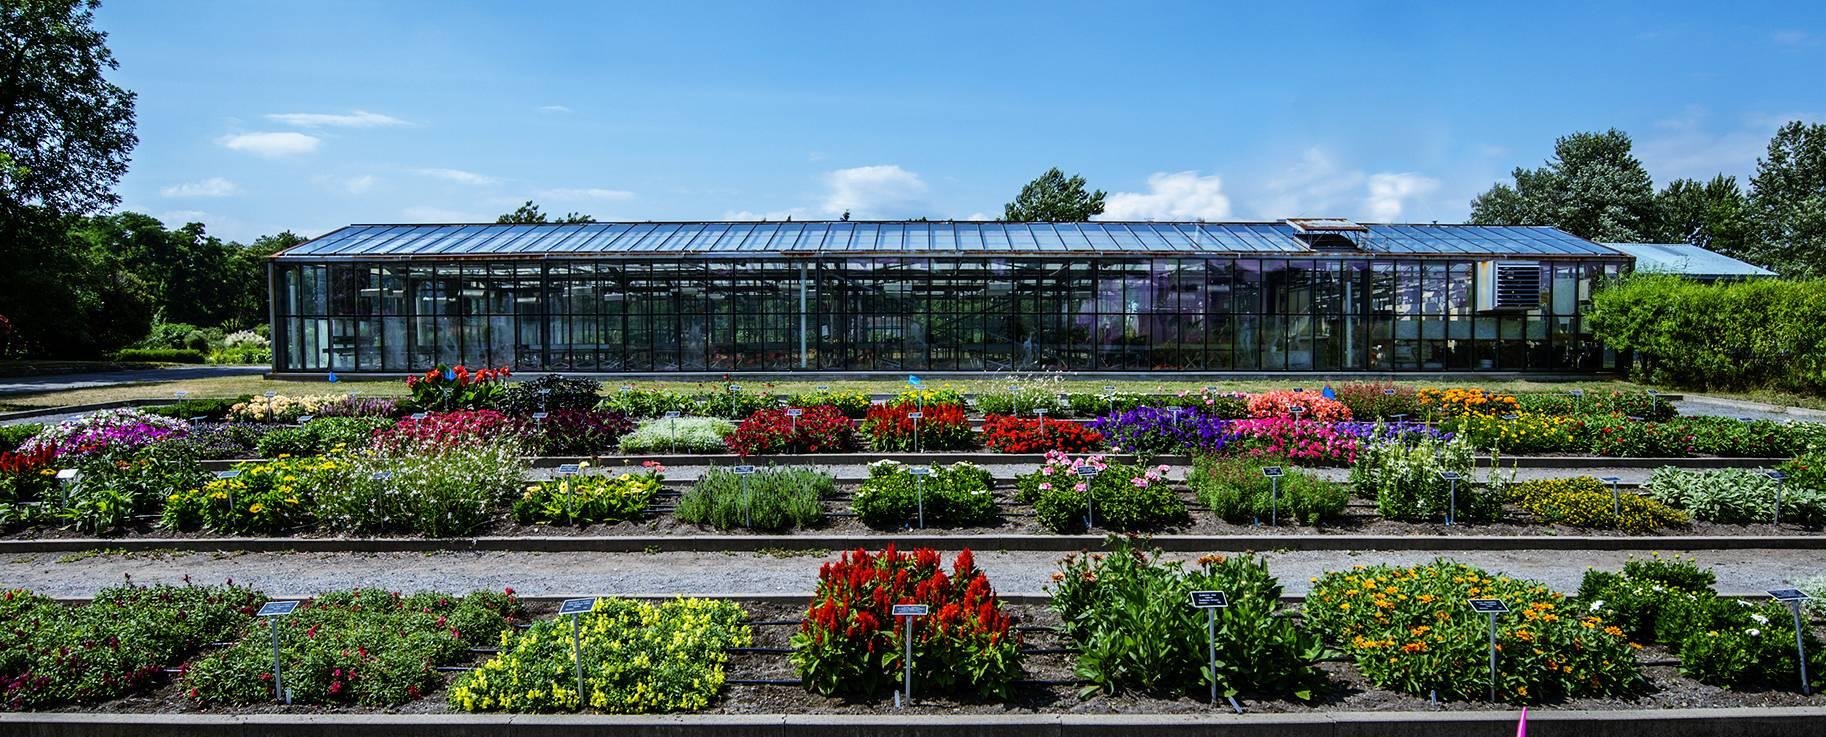 Jardin Botanique Roger-Van Den Hende De L'université Laval | pour Jardin Botanique Emploi